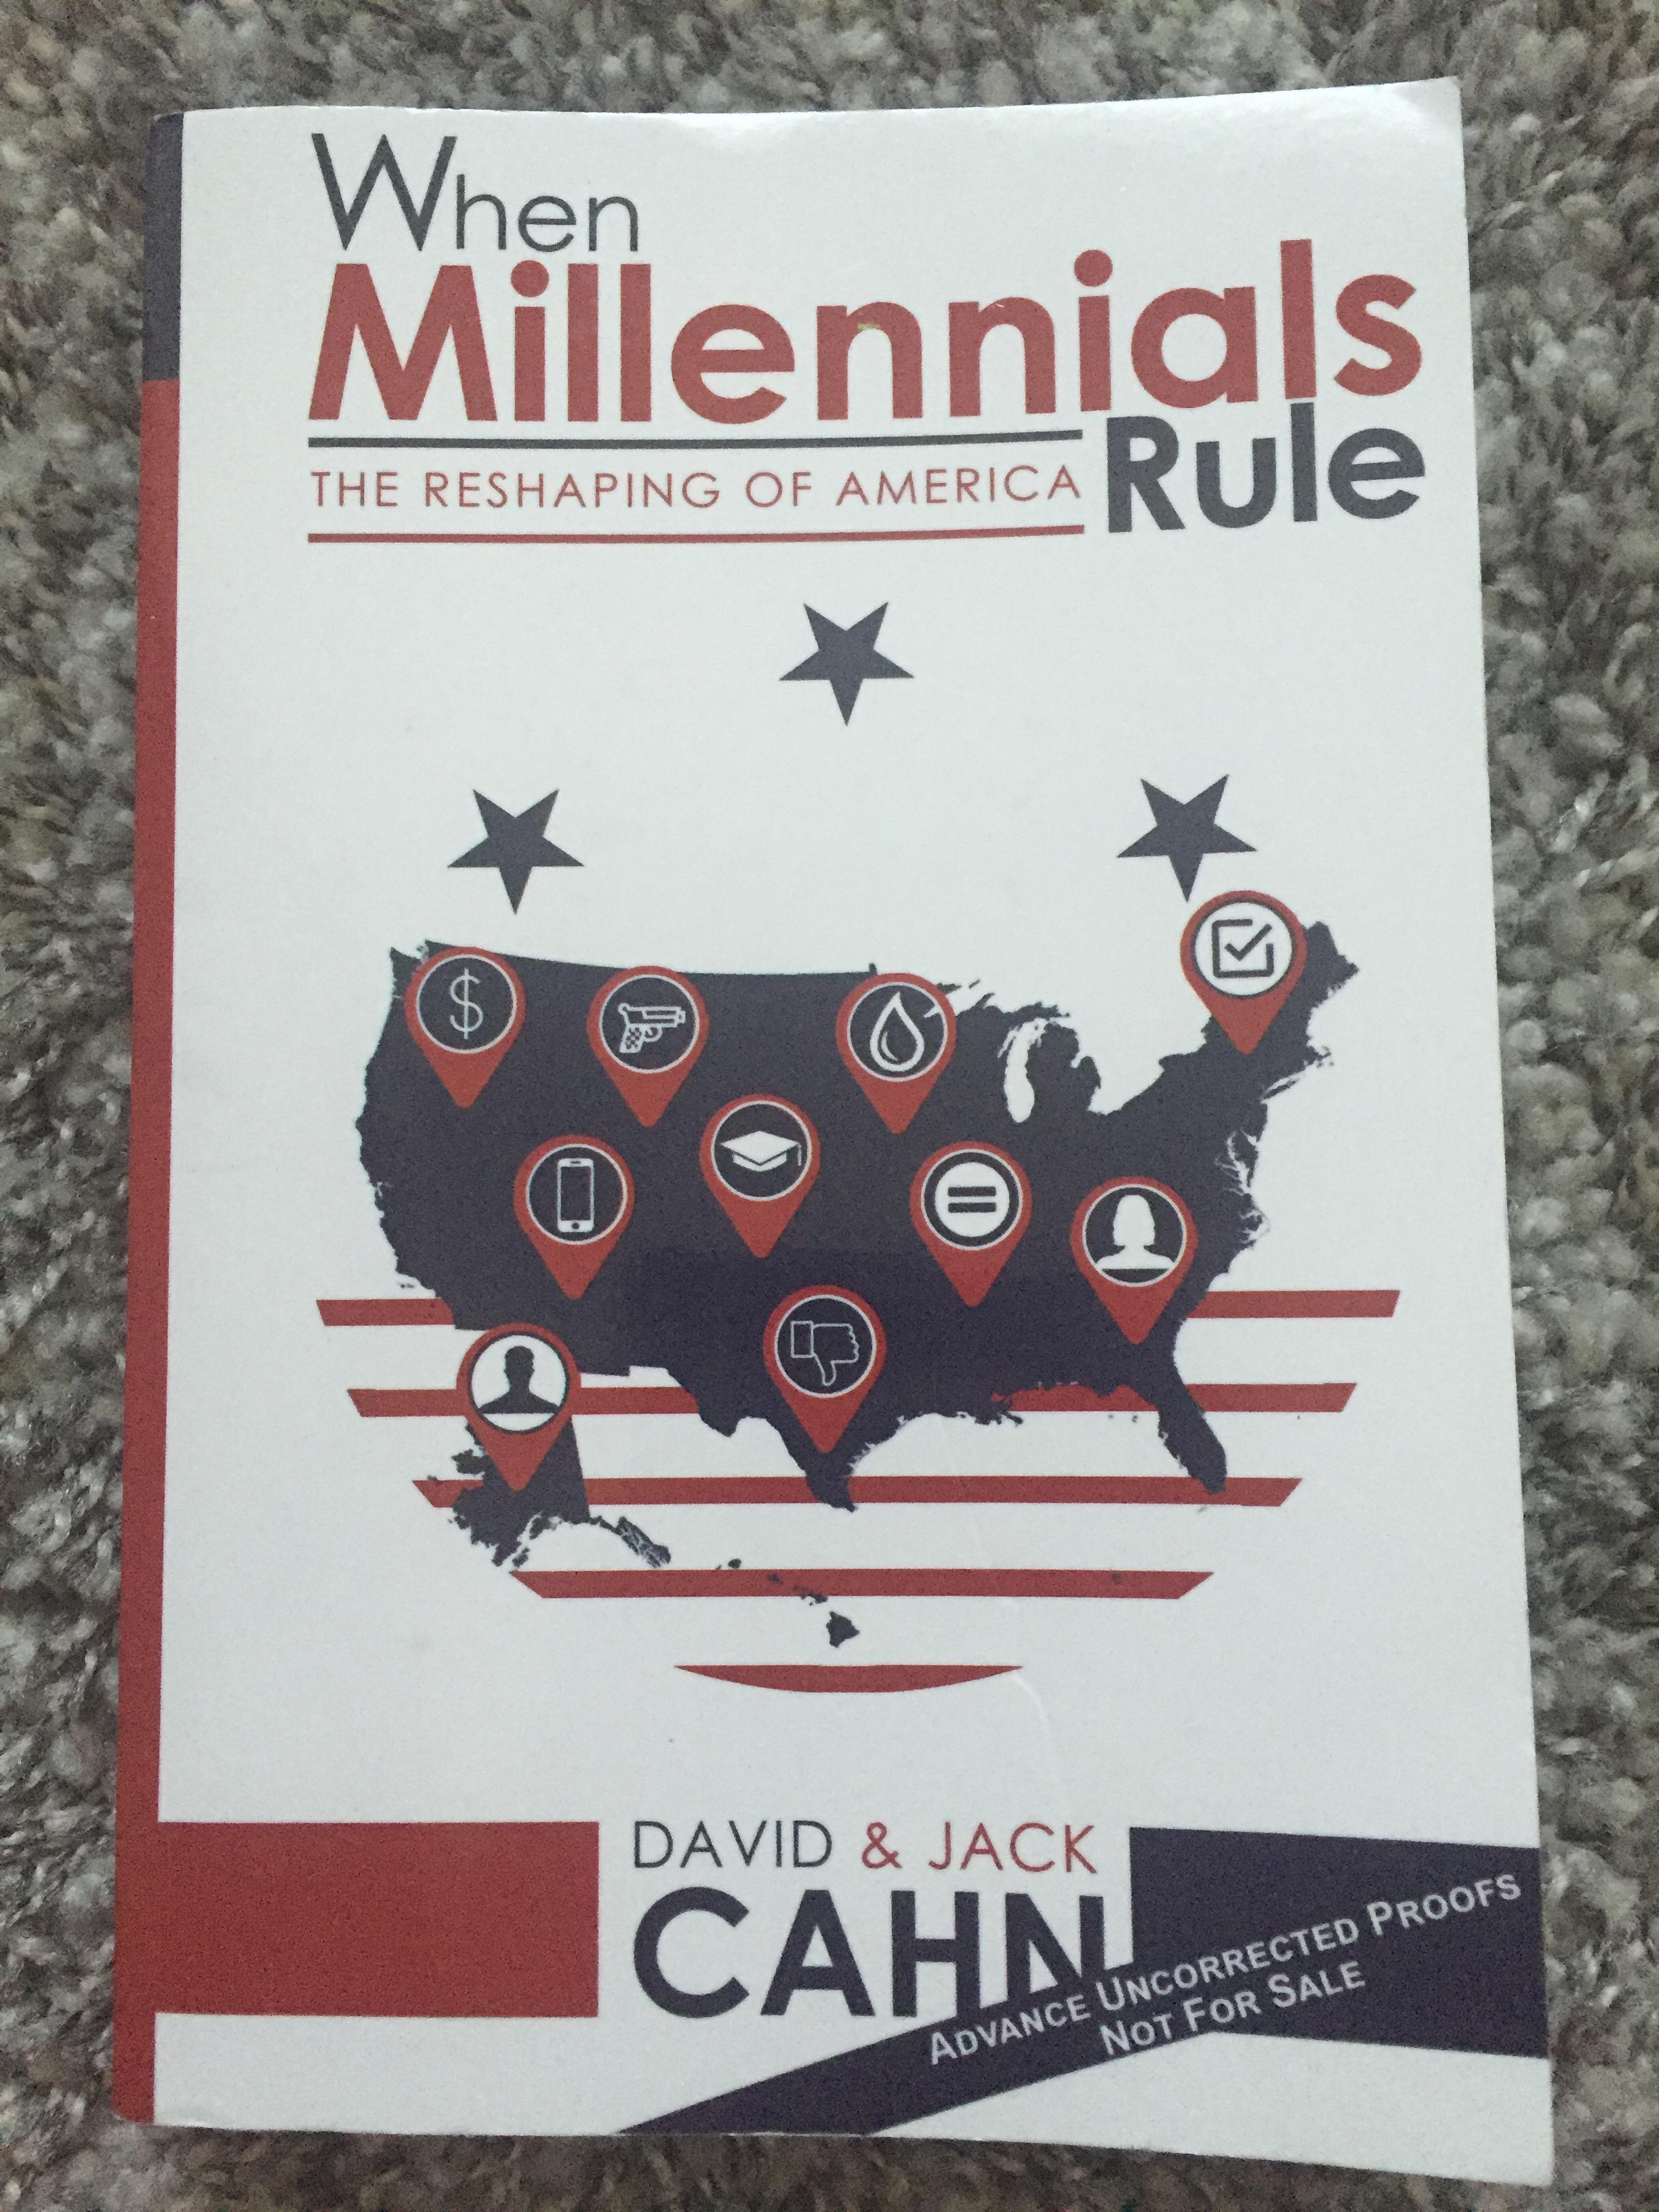 When Millennials Rule: A Review